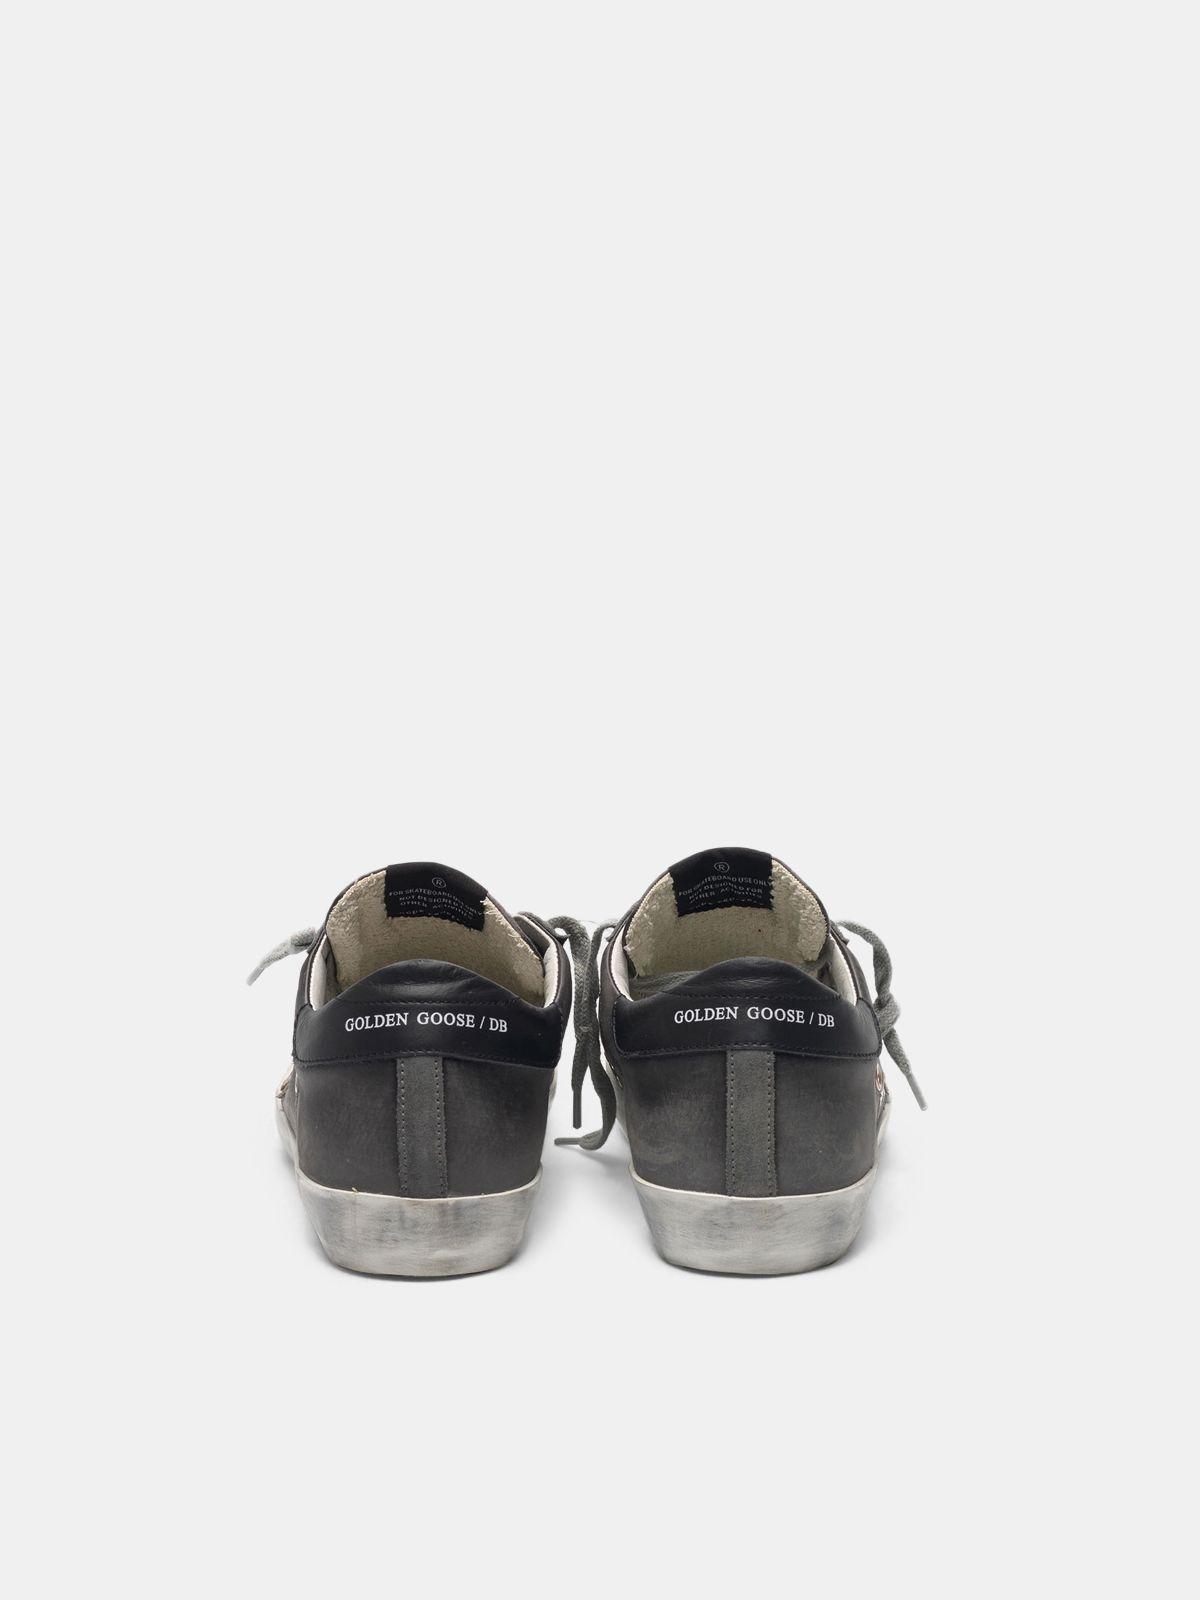 Golden Goose - Sneakers Super-Star aus Satin mit Schlüsselanhänger als Gimmick in